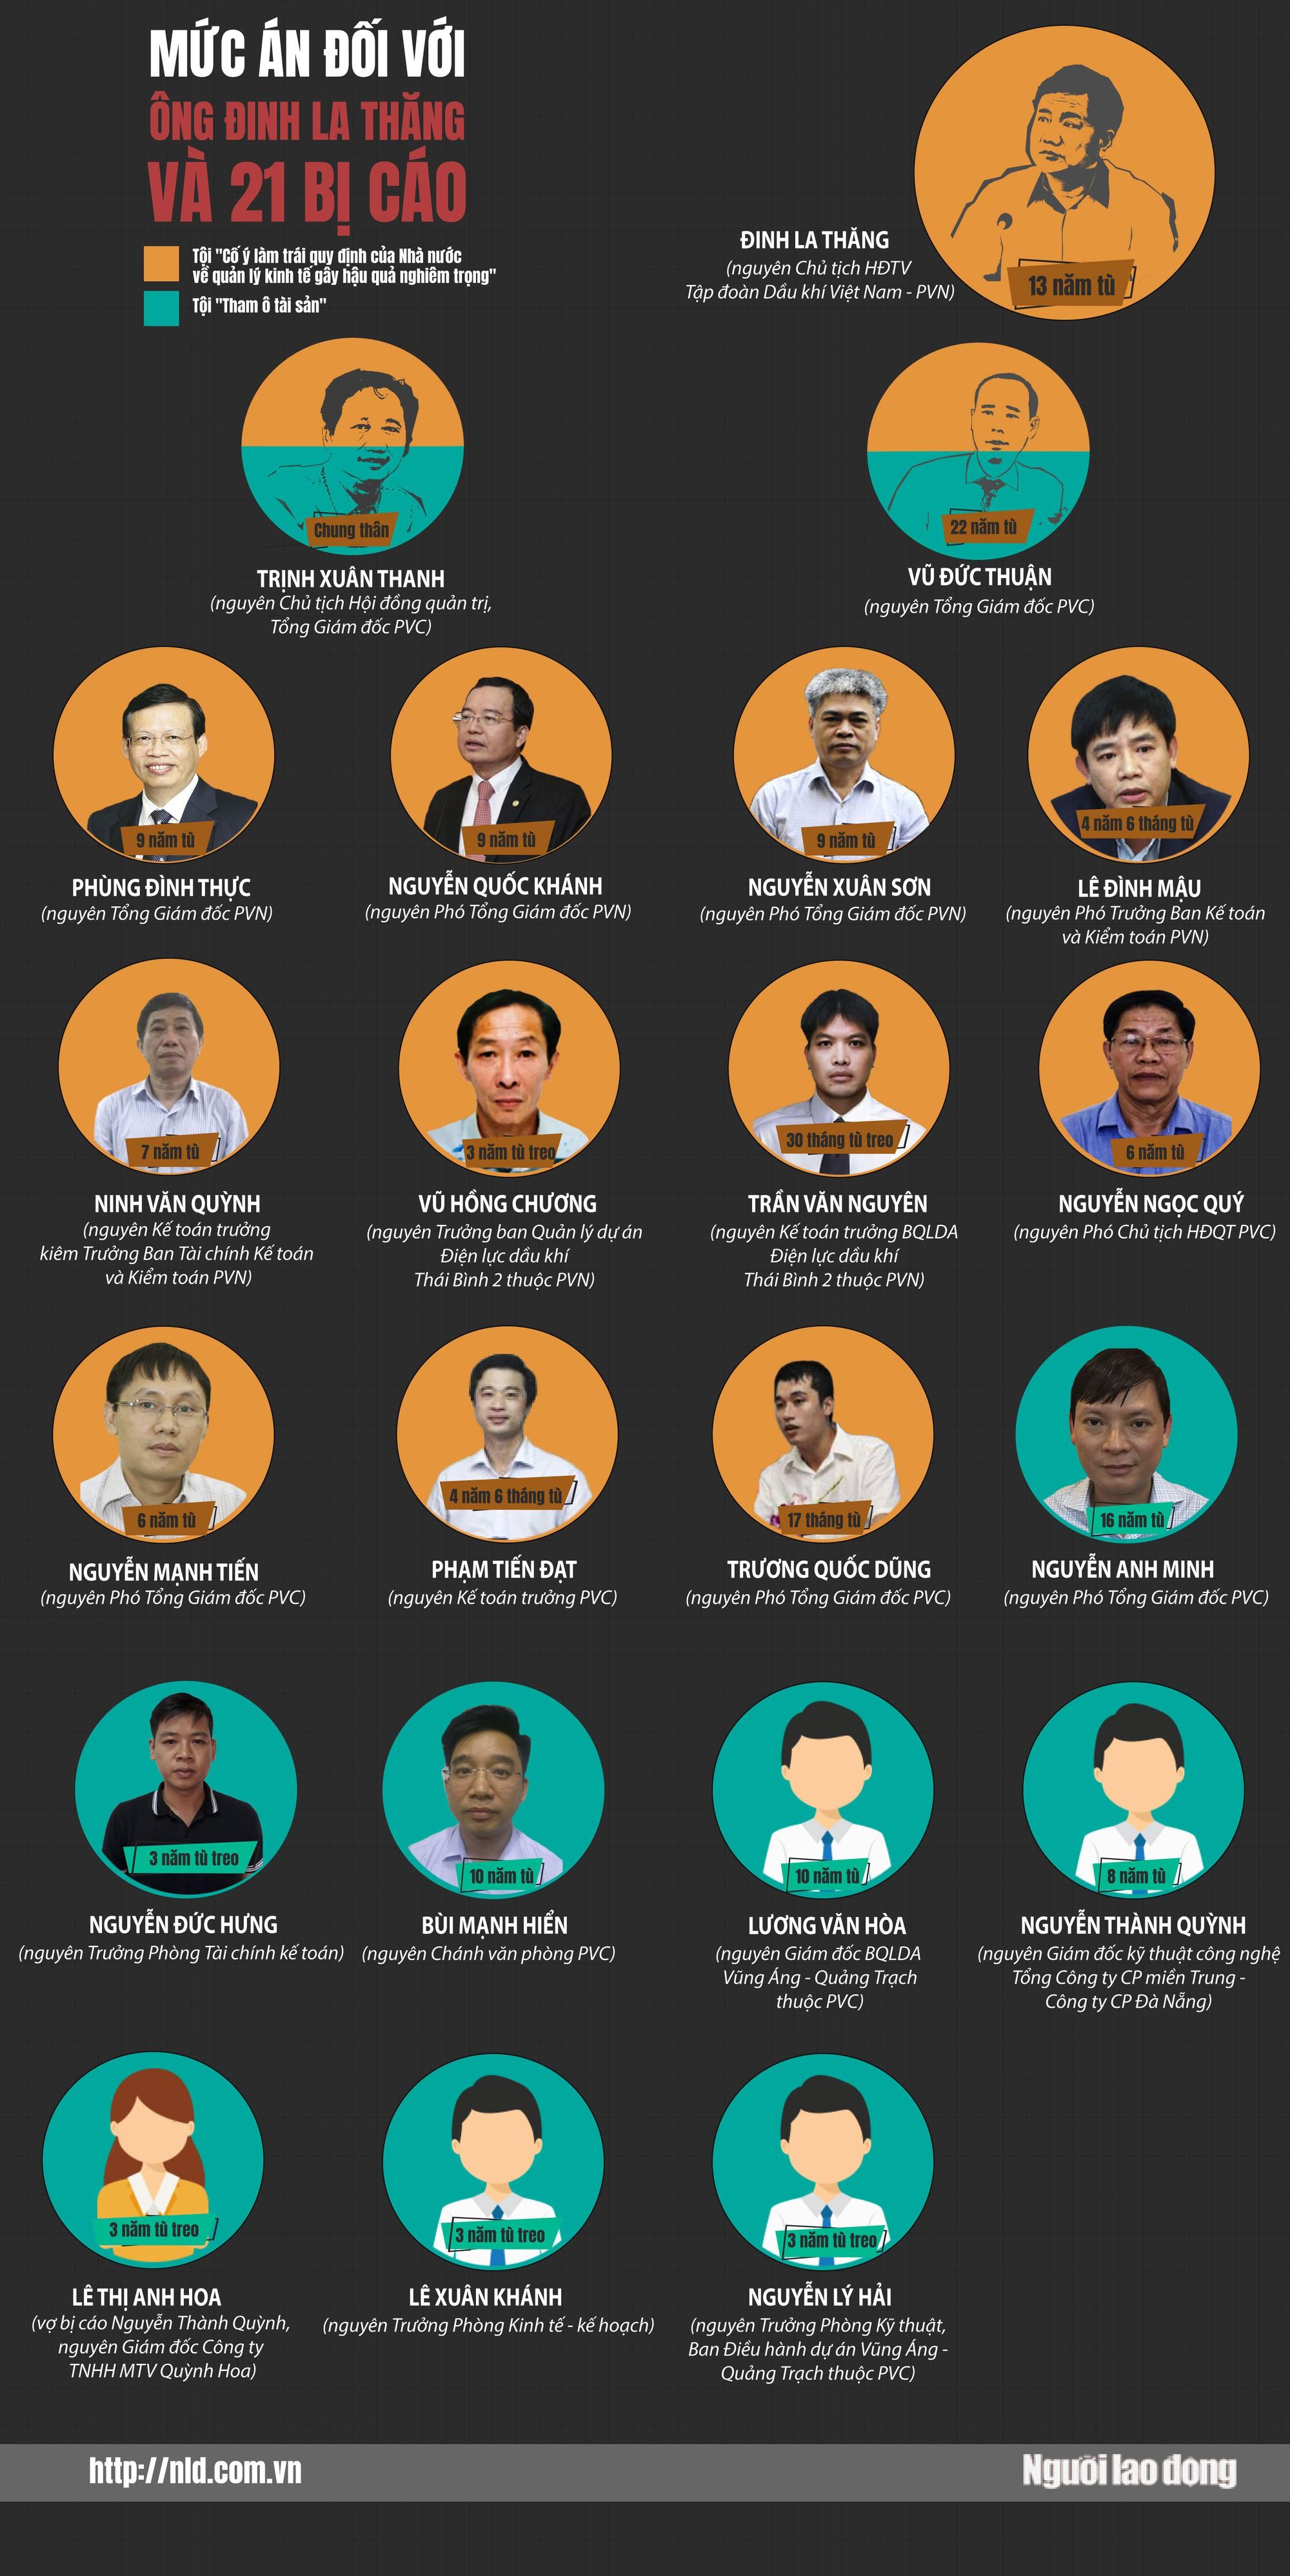 (Infographic) - Mức án cho bị cáo Đinh La Thăng và 21 đồng phạm - Ảnh 1.